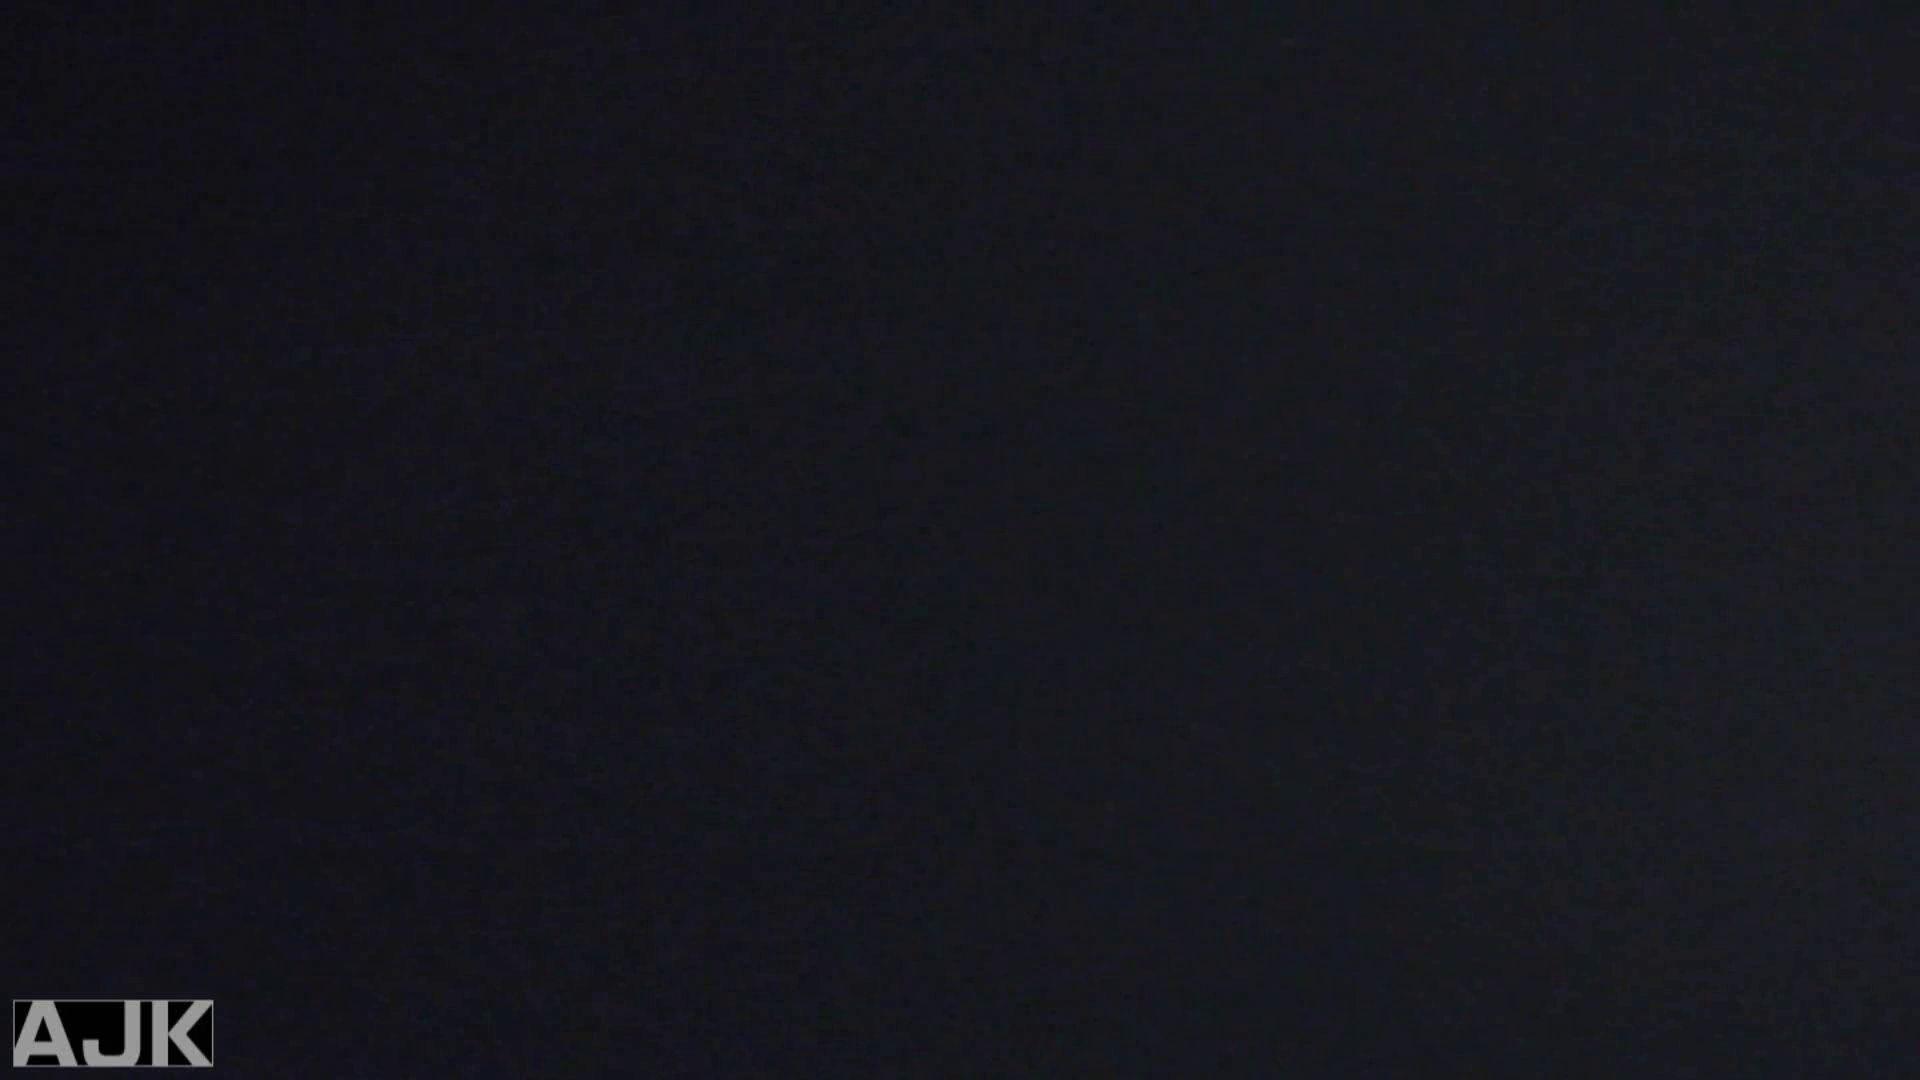 神降臨!史上最強の潜入かわや! vol.22 女体盗撮   肛門流出  98連発 29